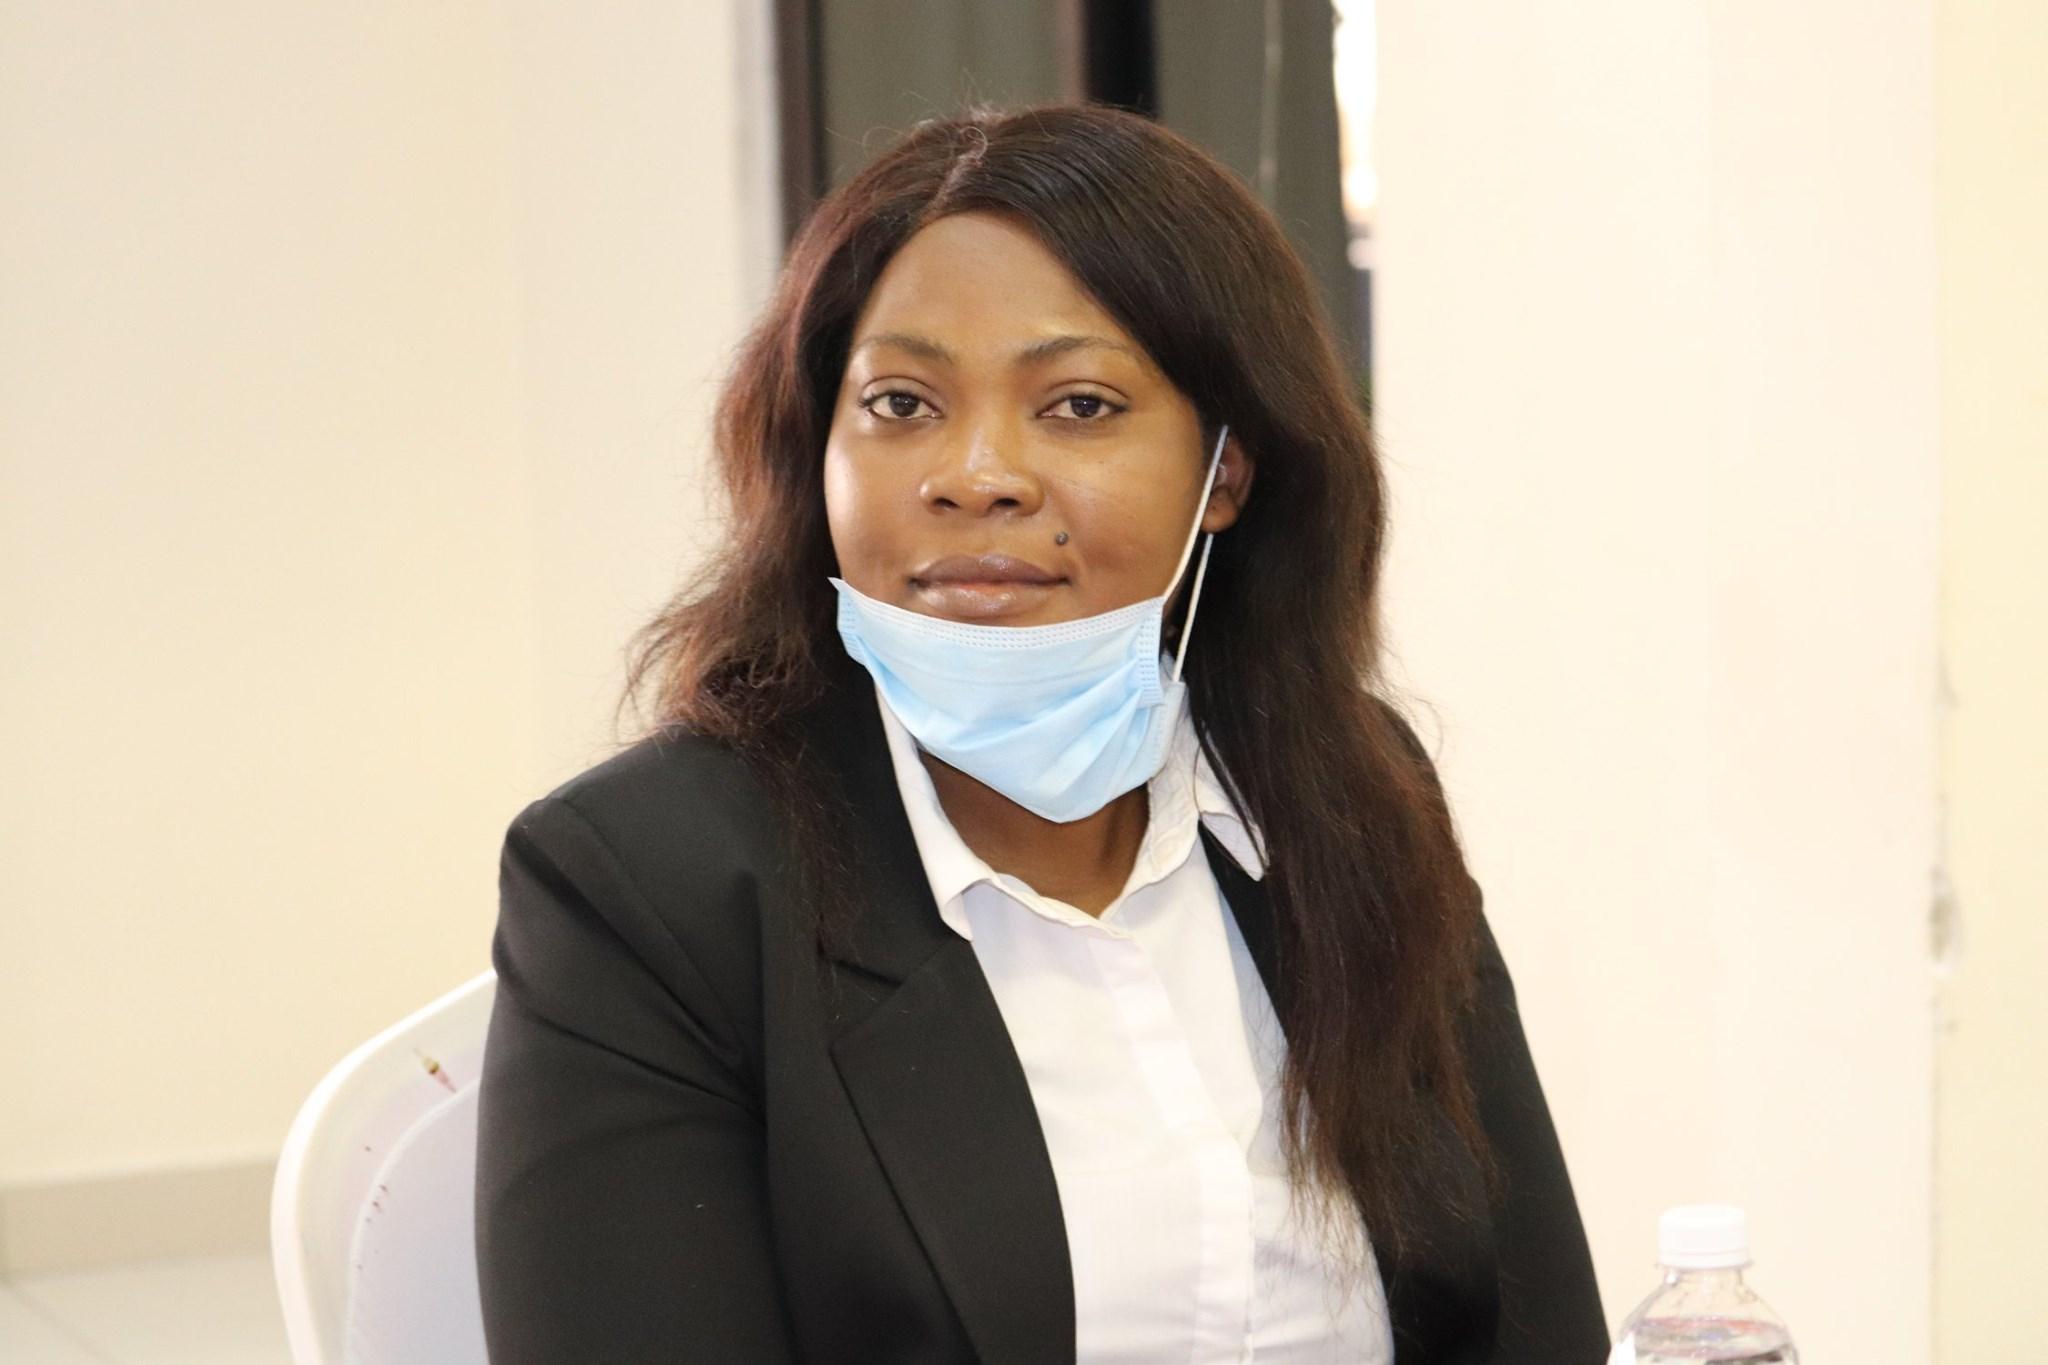 Mrs. Mwila Chikwanda Jangazya